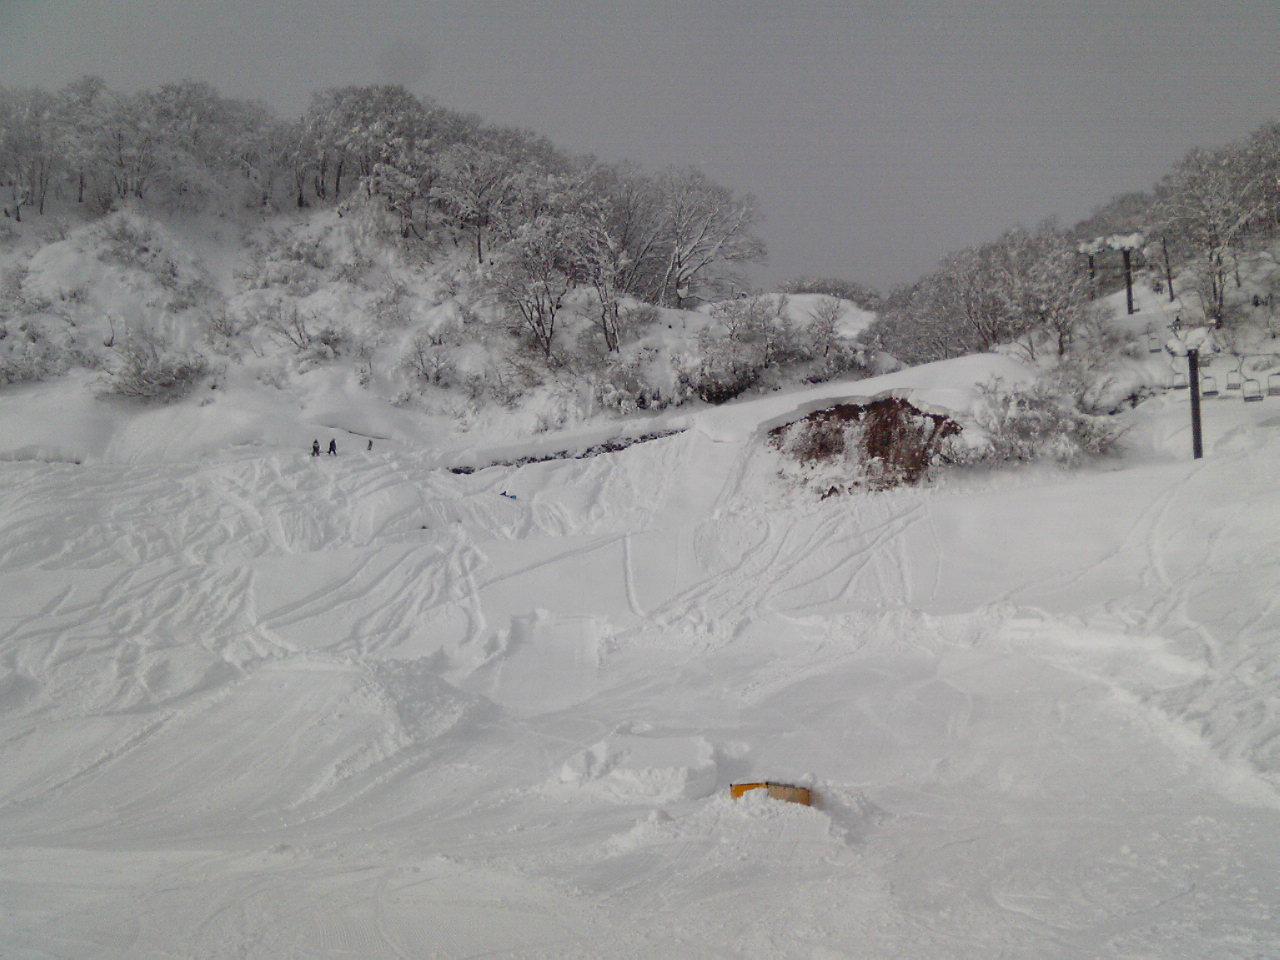 関温泉~オープン_f0229217_8471383.jpg